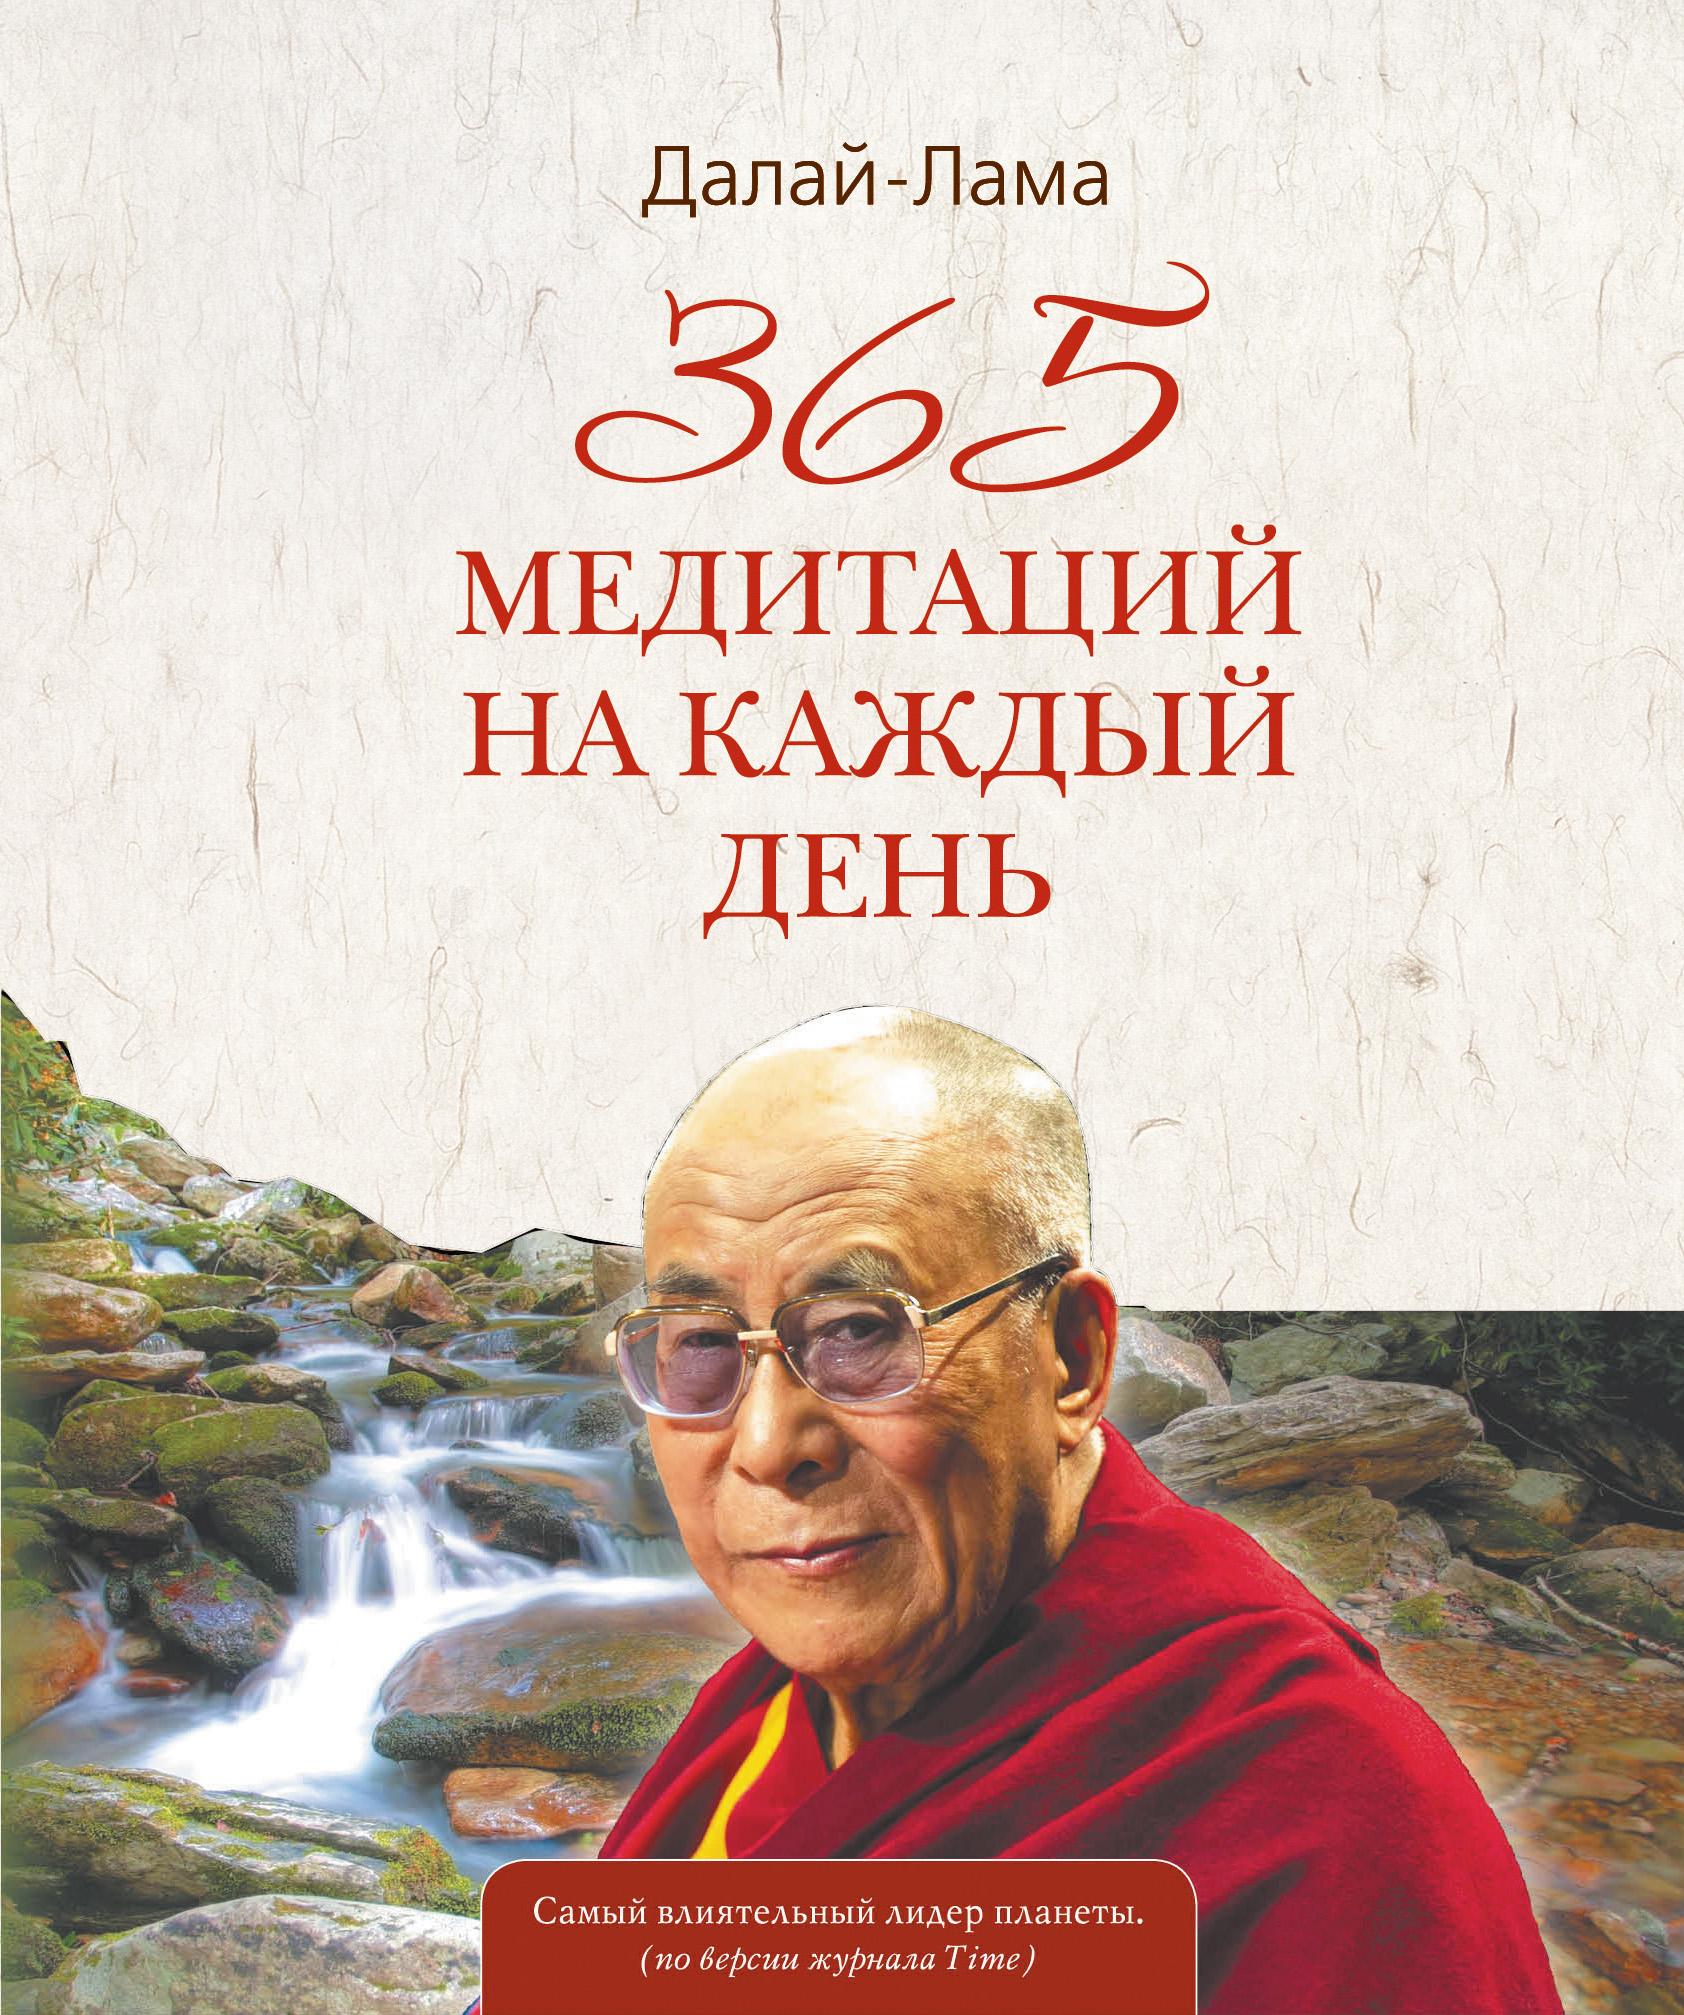 365 медитаций на каждый день